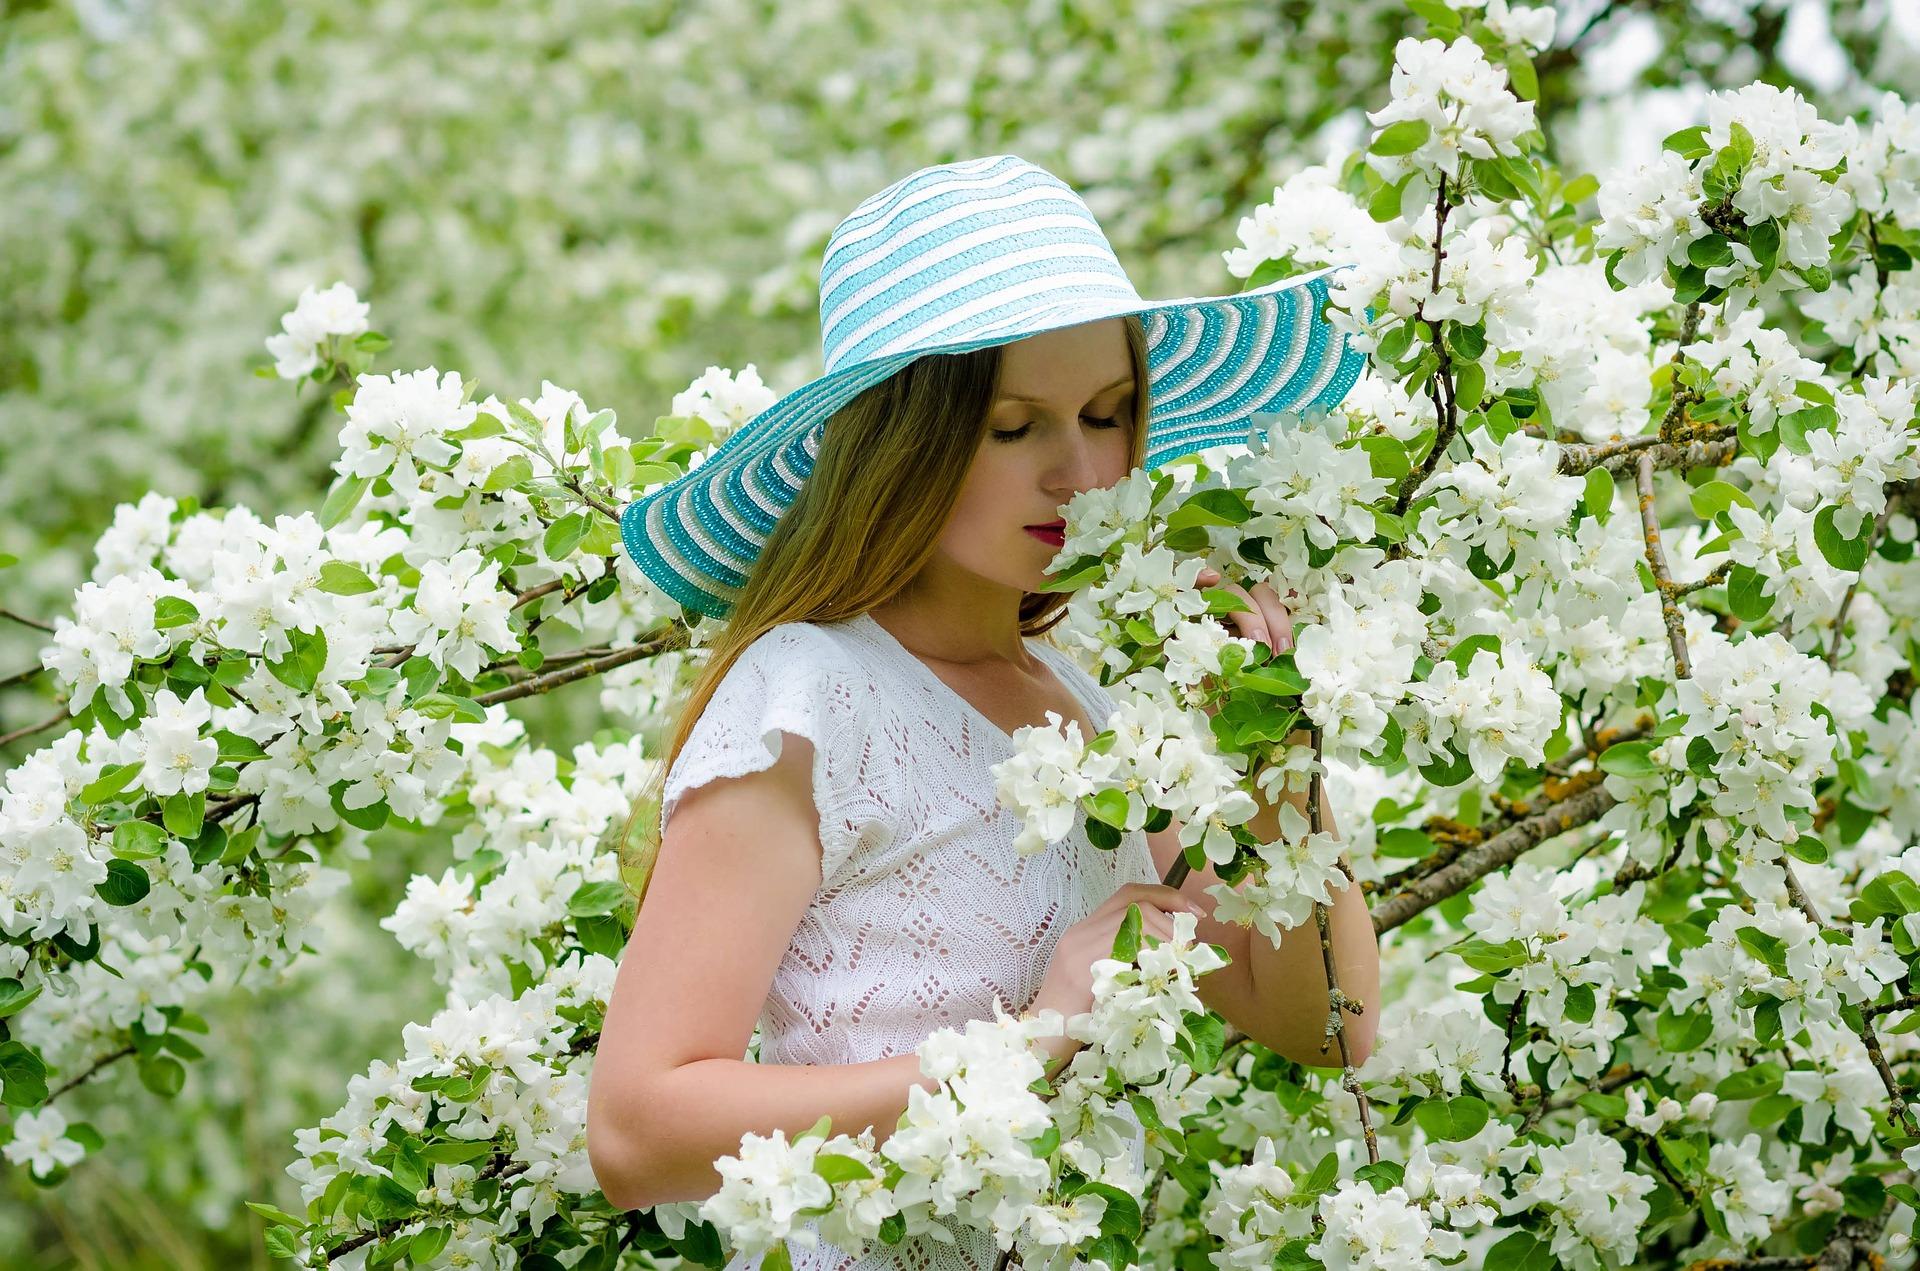 КП Дубровские зори поселок живет яблоневый цвет